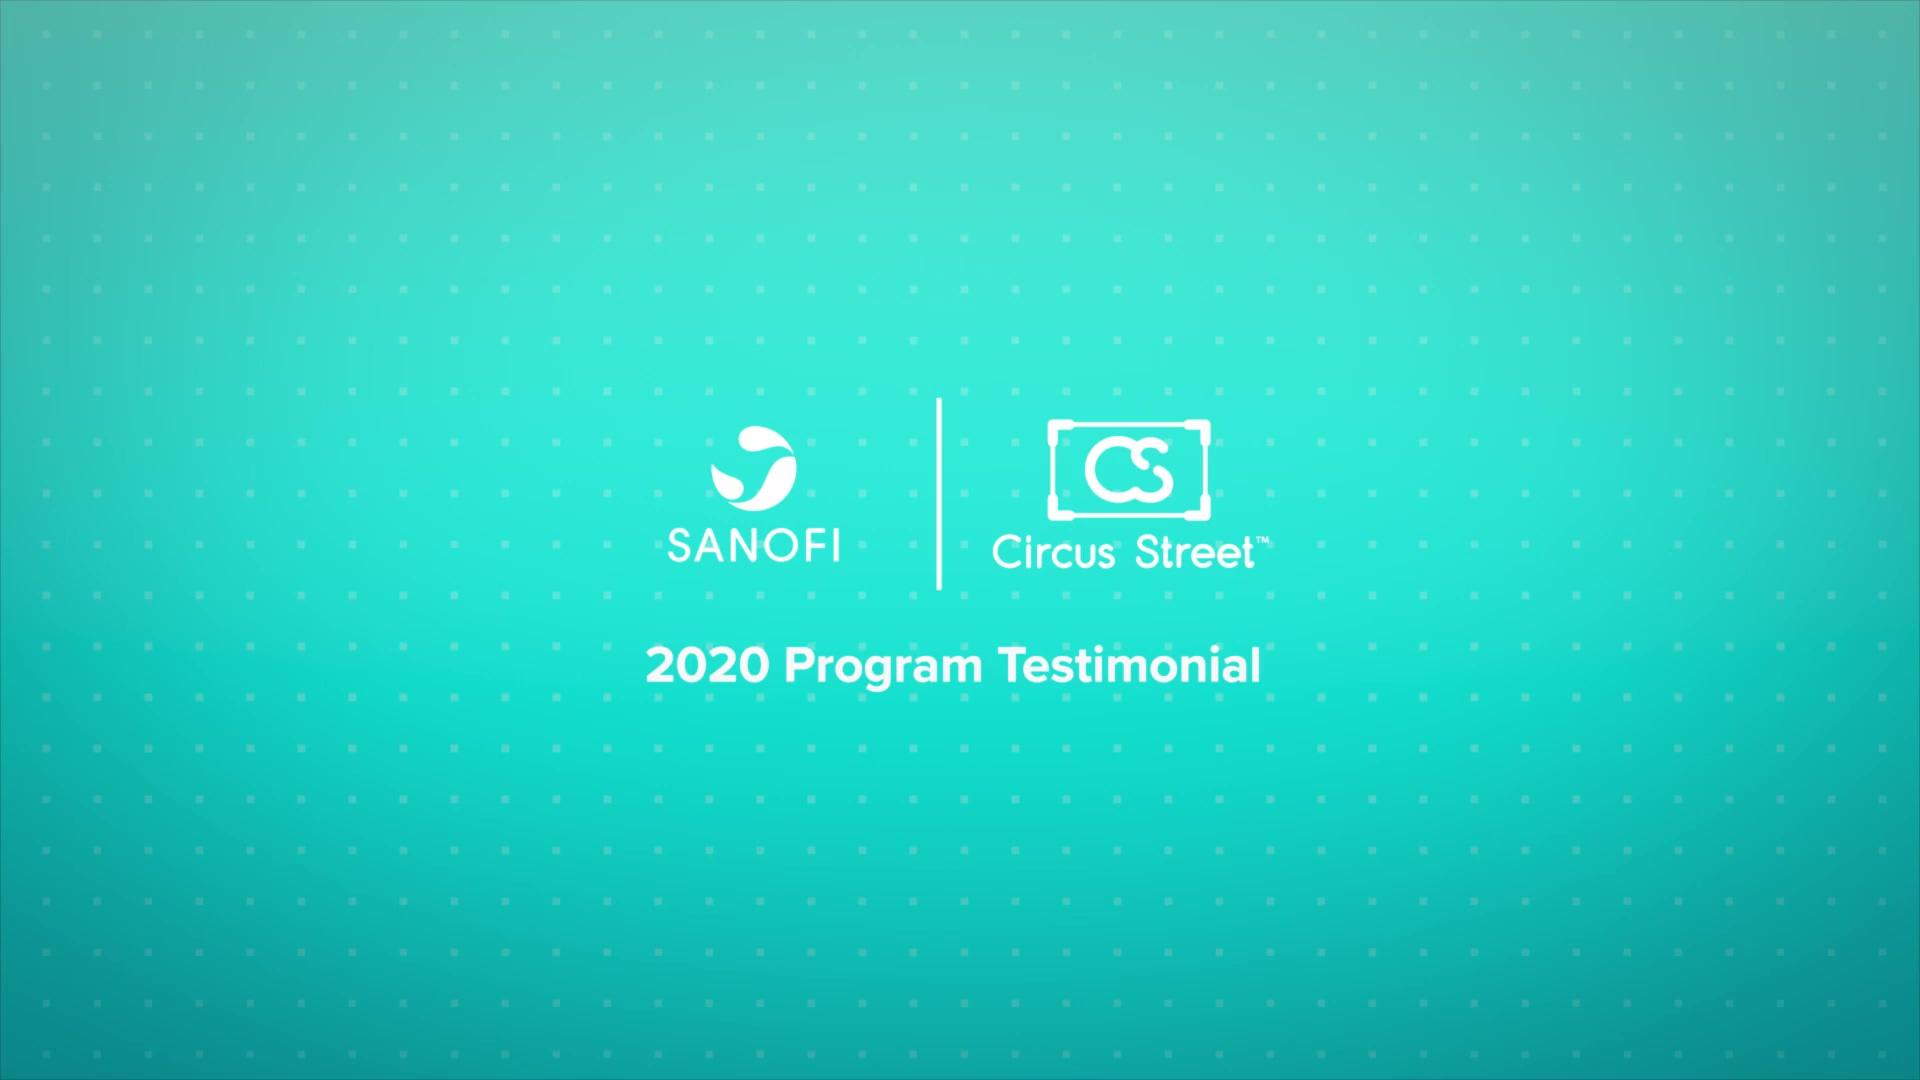 Sanofi, Jo Earl Program Testimonial 2020-1